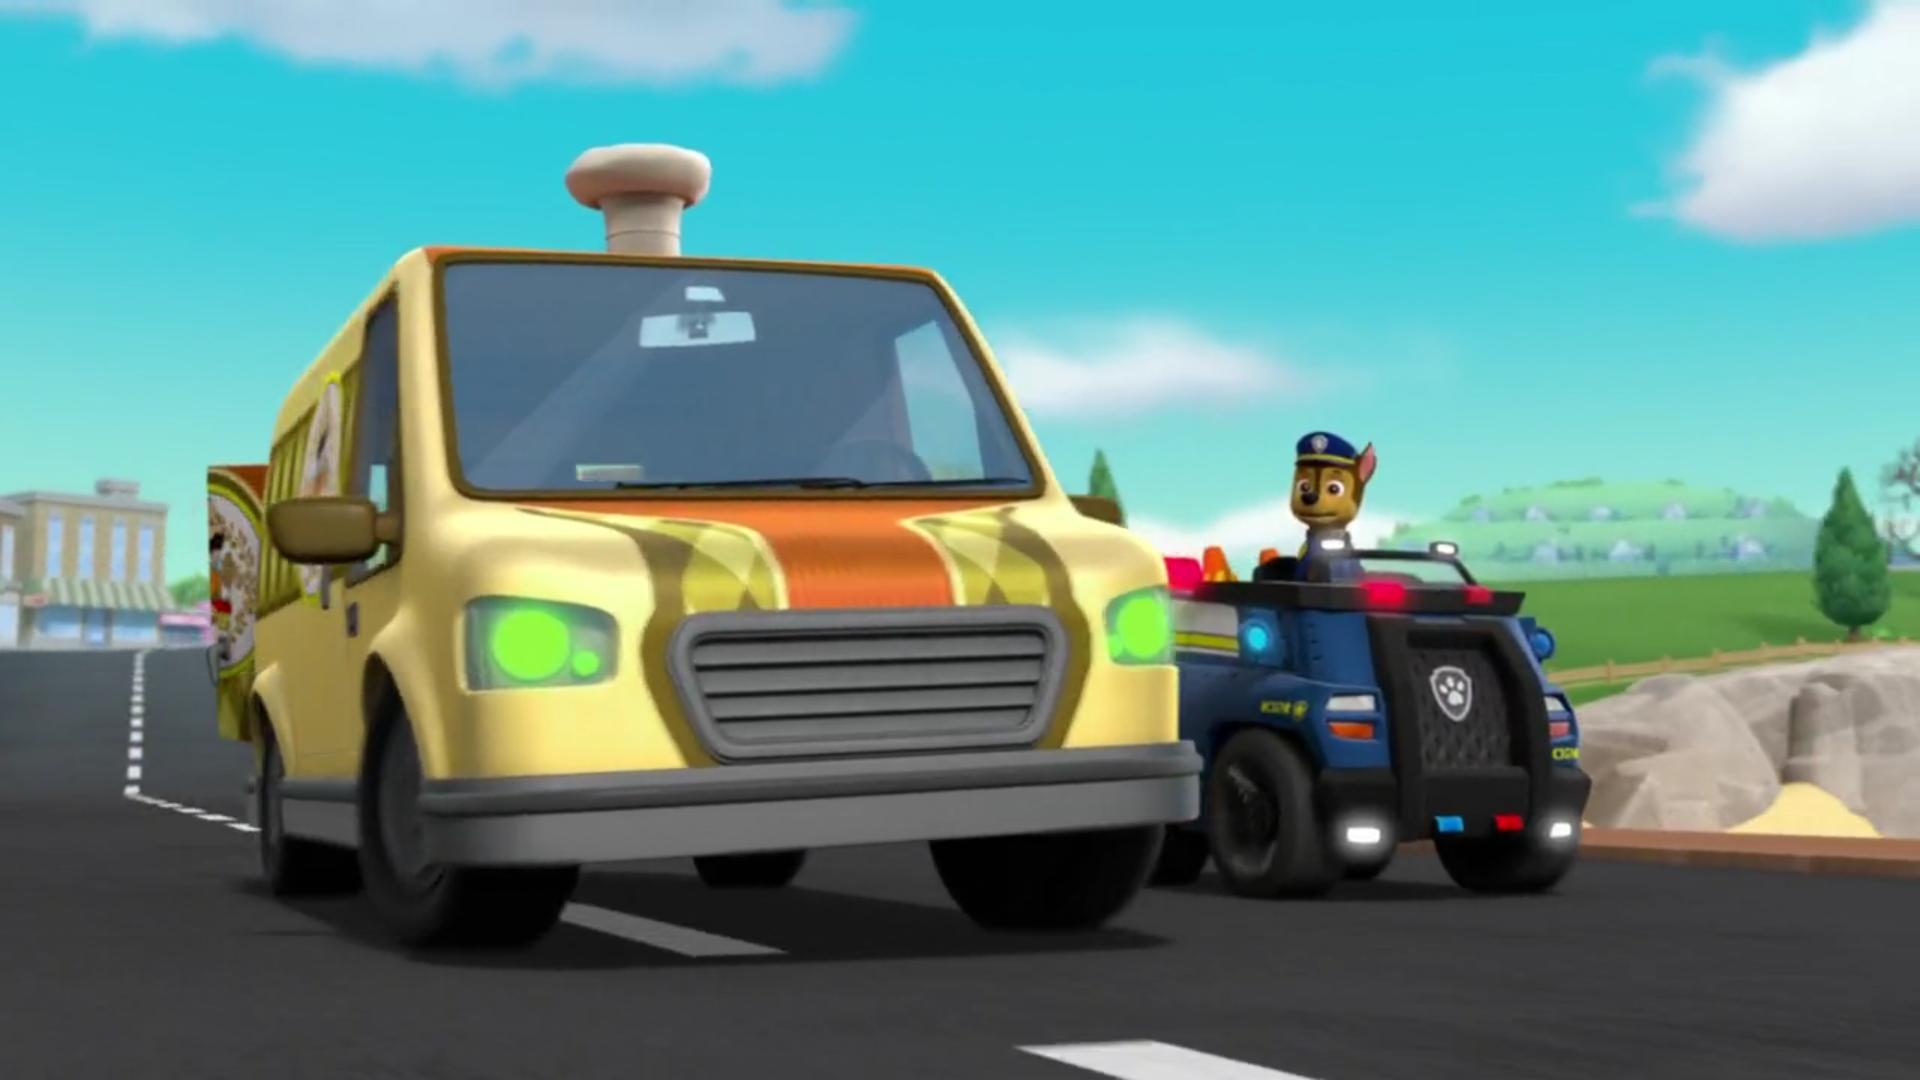 Mr. Porter's Delivery Van